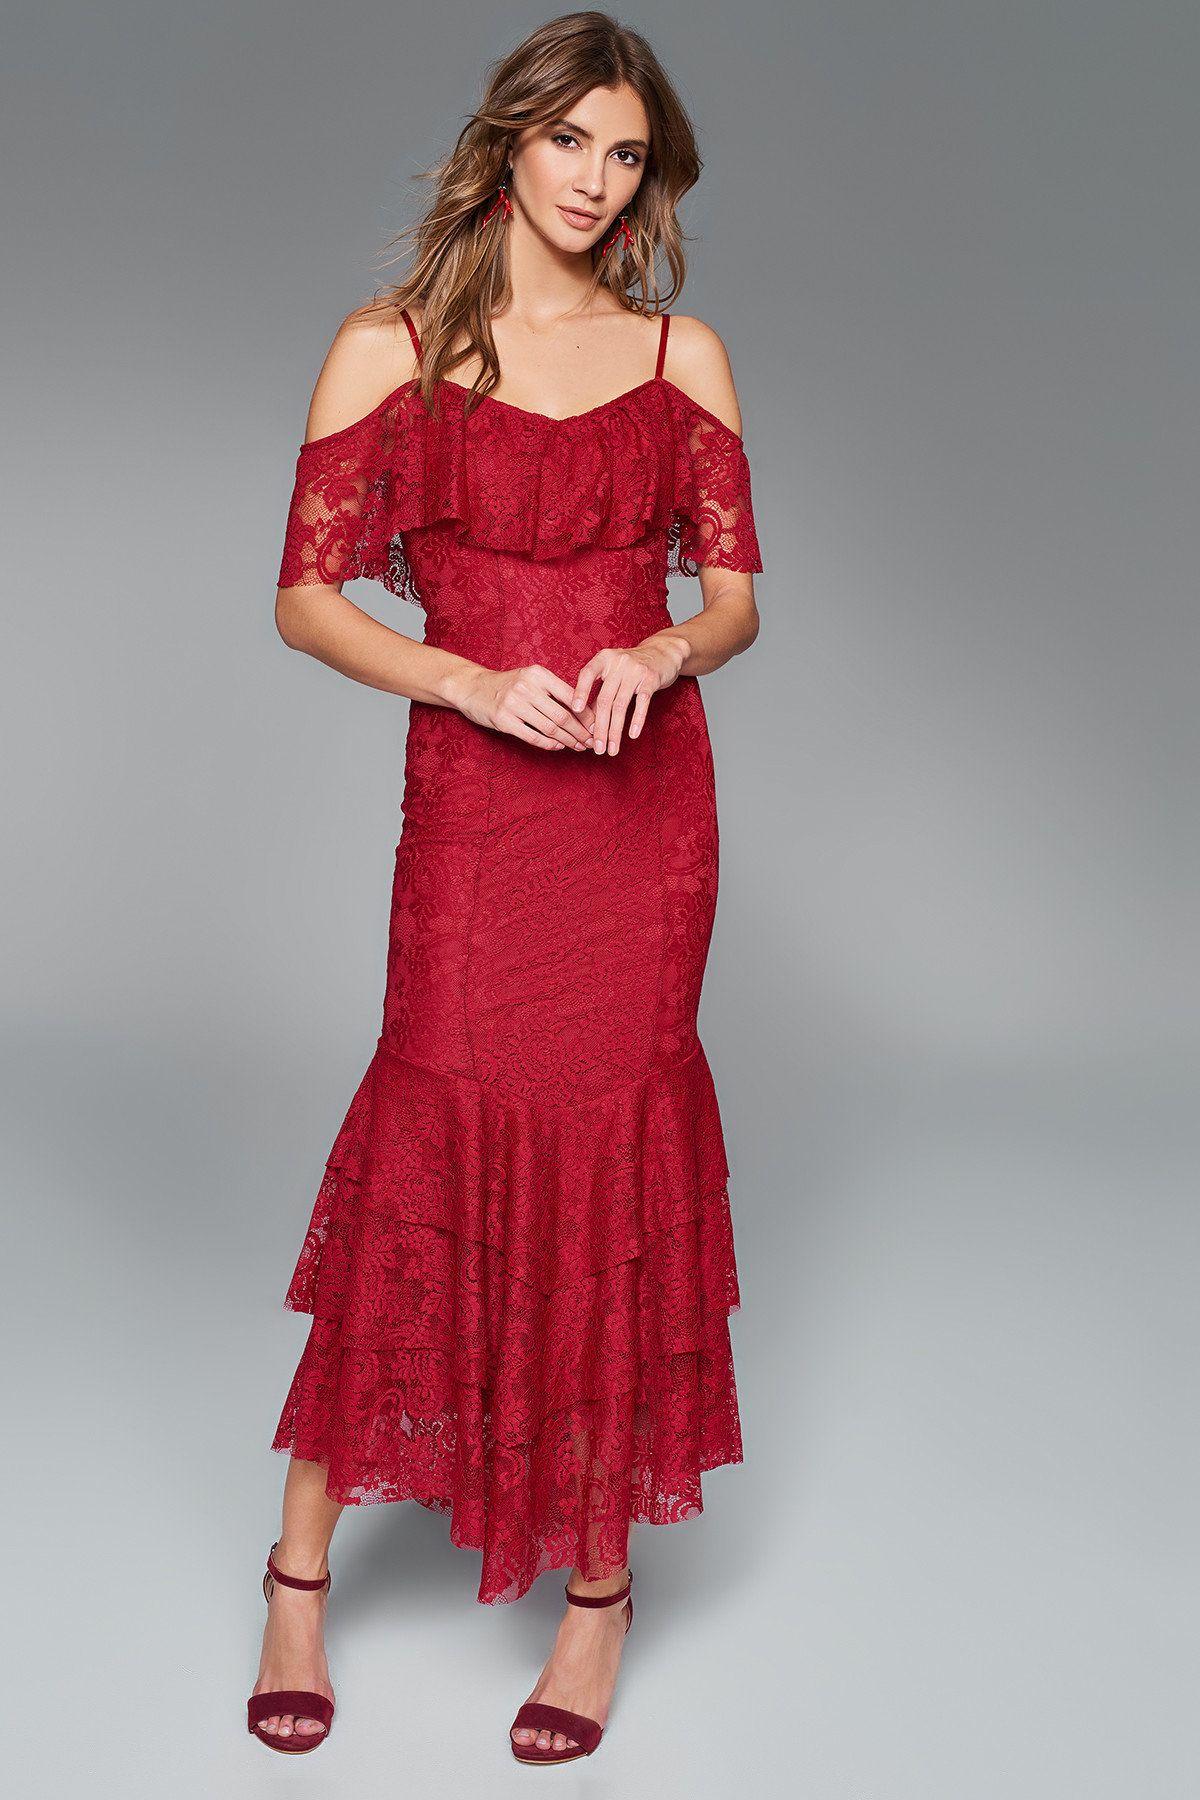 Bordo Dantel Elbise Trendyolmilla Trendyol Dantel Elbise The Dress Moda Stilleri